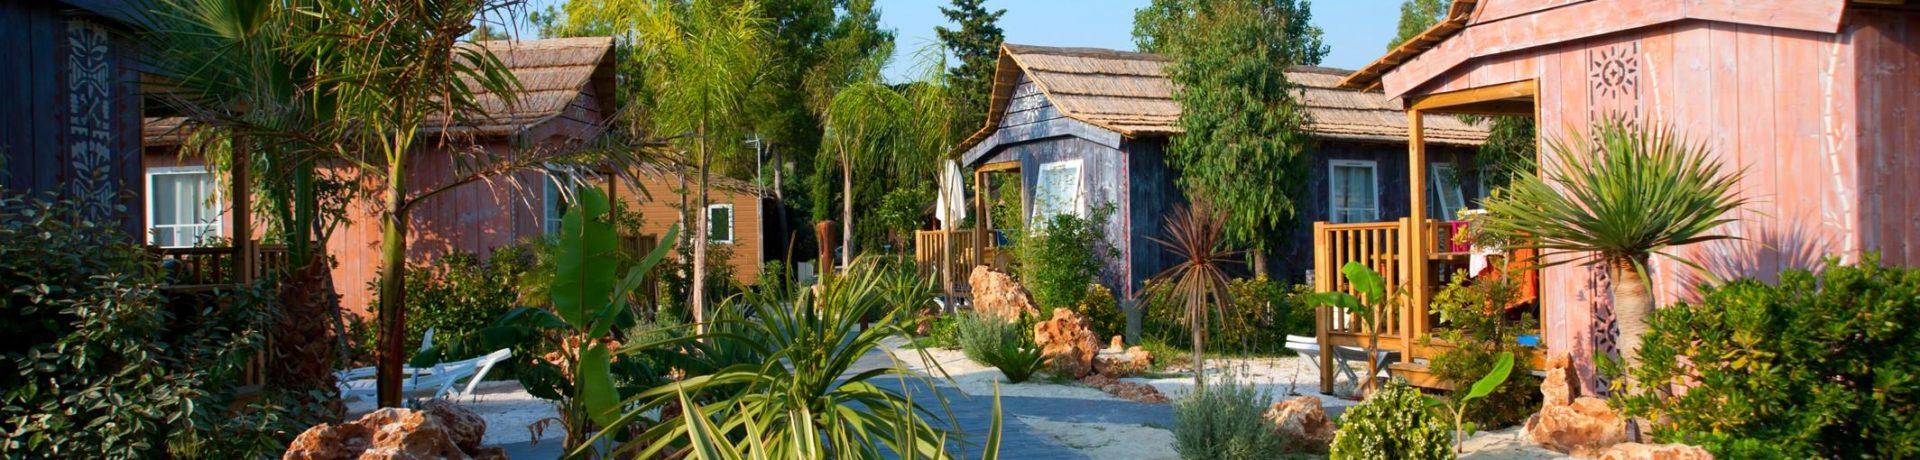 Beleef een droomvakantie op deze 5 sterren camping met een mooi waterpark en waterspeeltuin voor de kinderen vlakbij Perpignan, direct aan de Middellandse Zee.